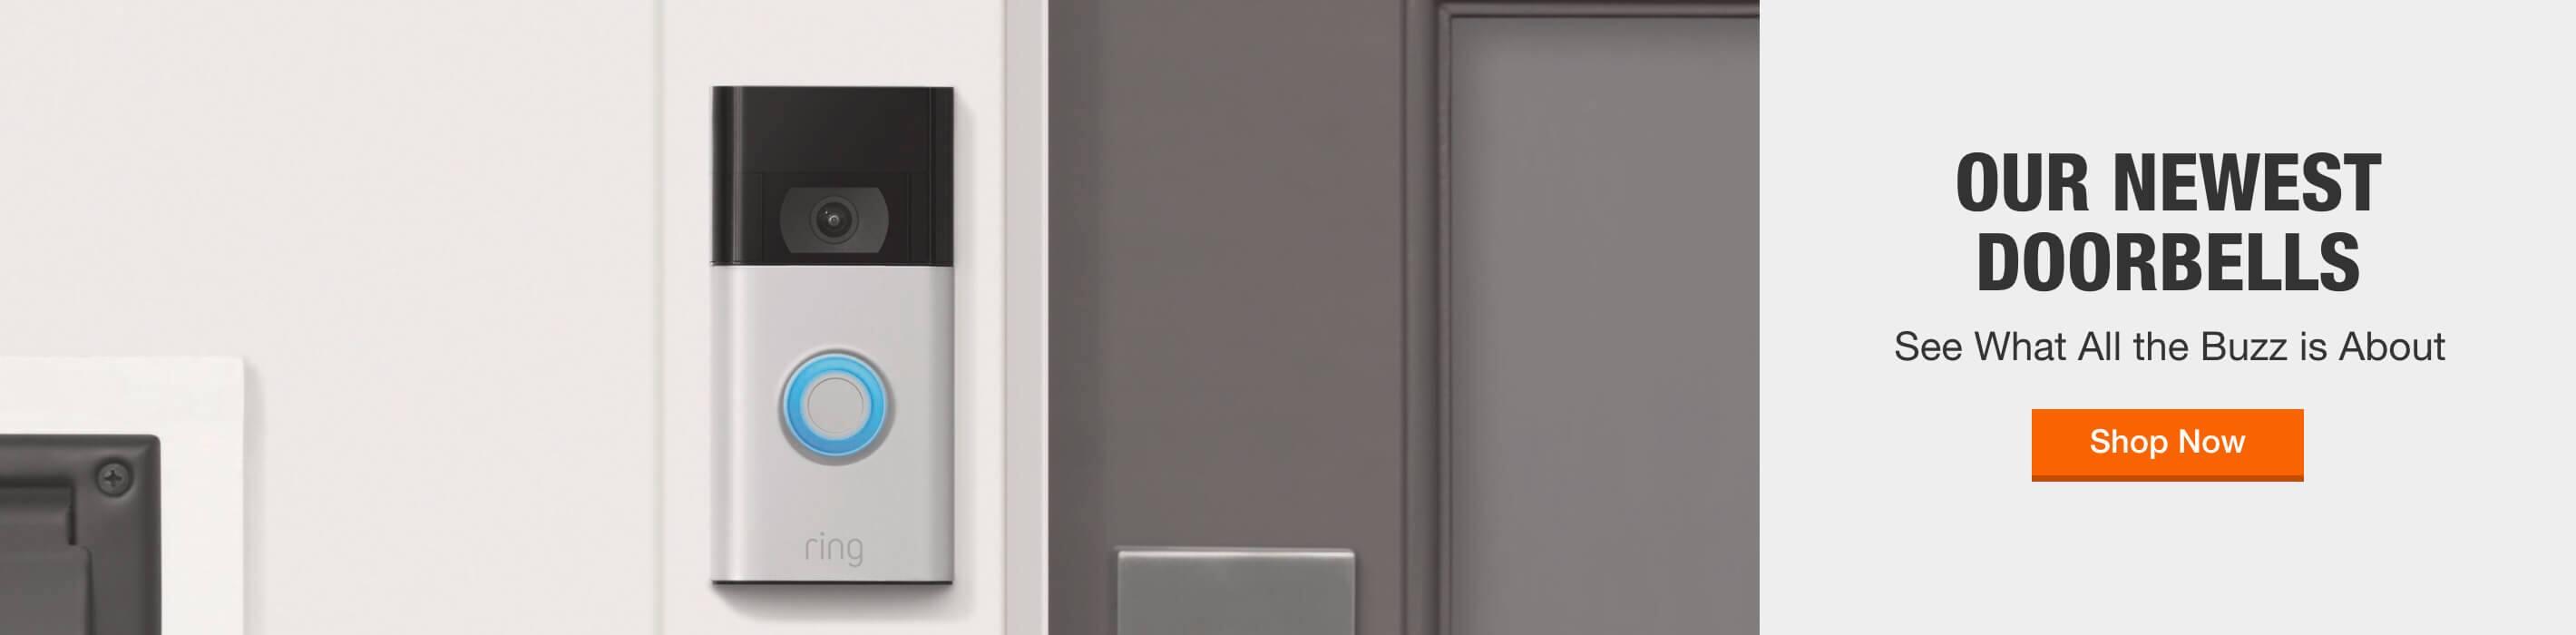 Shop Our Newest Doorbells